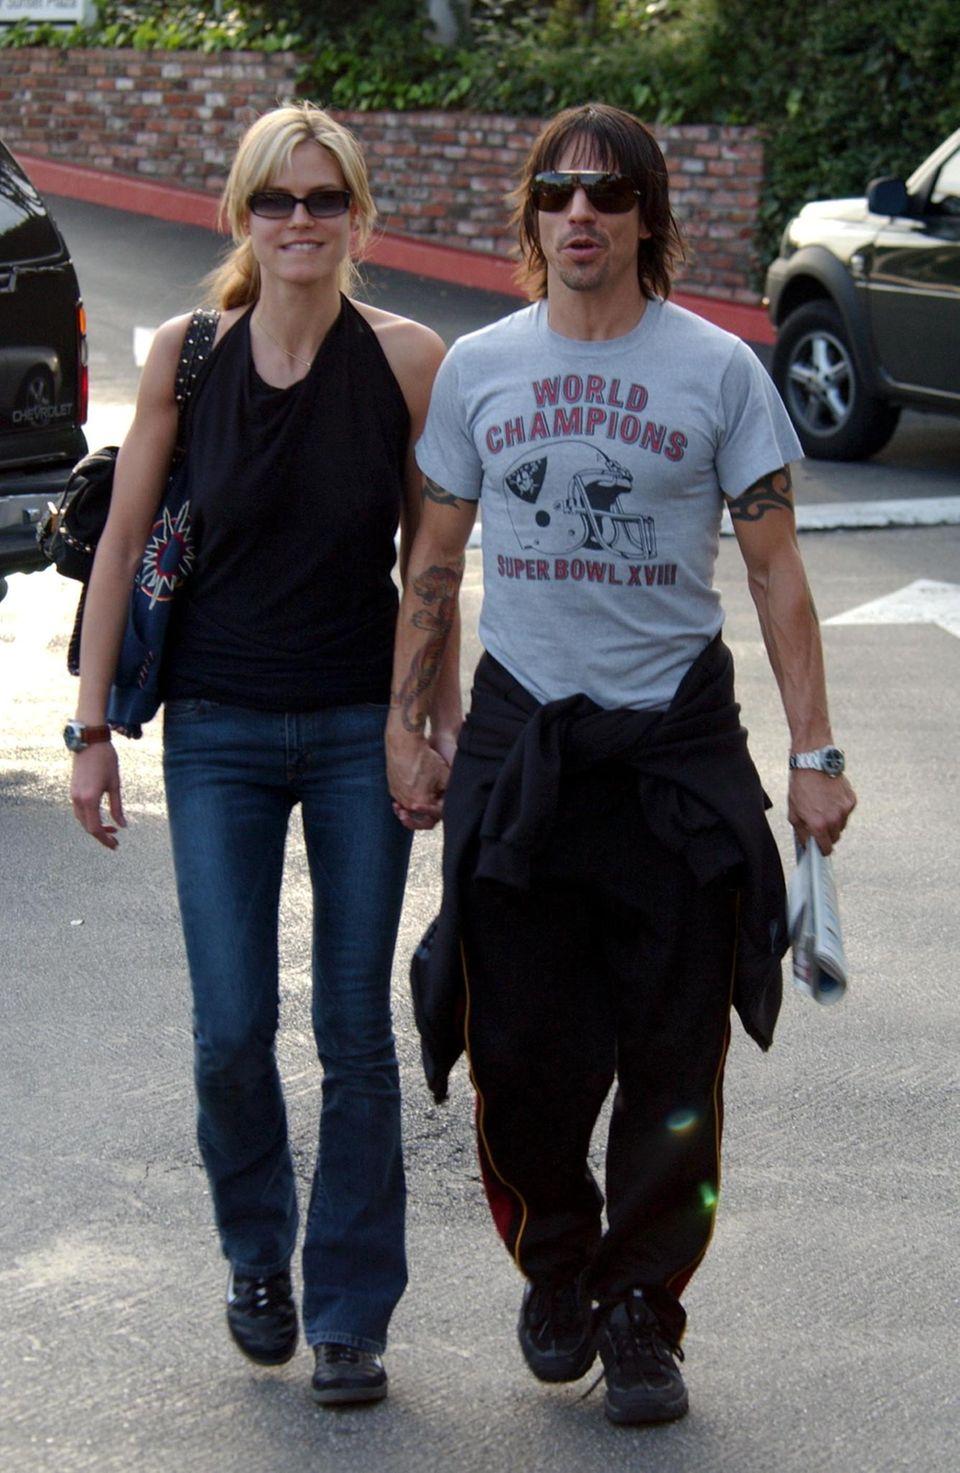 """Heidi Klum und Anthony Kiedis  Auch Heidi hatte wilden Phasen: So ist sie 2003 einige Wochen mit """"Red Hot Chili Peppers""""-Frontmann Anthony Kiedis liiert. Trotz extrem kurzer Beziehungsdauer schwärmt der coole Rocker auch heute noch von unserem deutschen Exportschlager: """"Was ich sagen kann, ist, dass Heidi ein wunderbarer Mensch ist. Die meisten sehen nur ihr Äußeres, aber darunter ist sie sehr sensibel und unglaublich clever."""""""